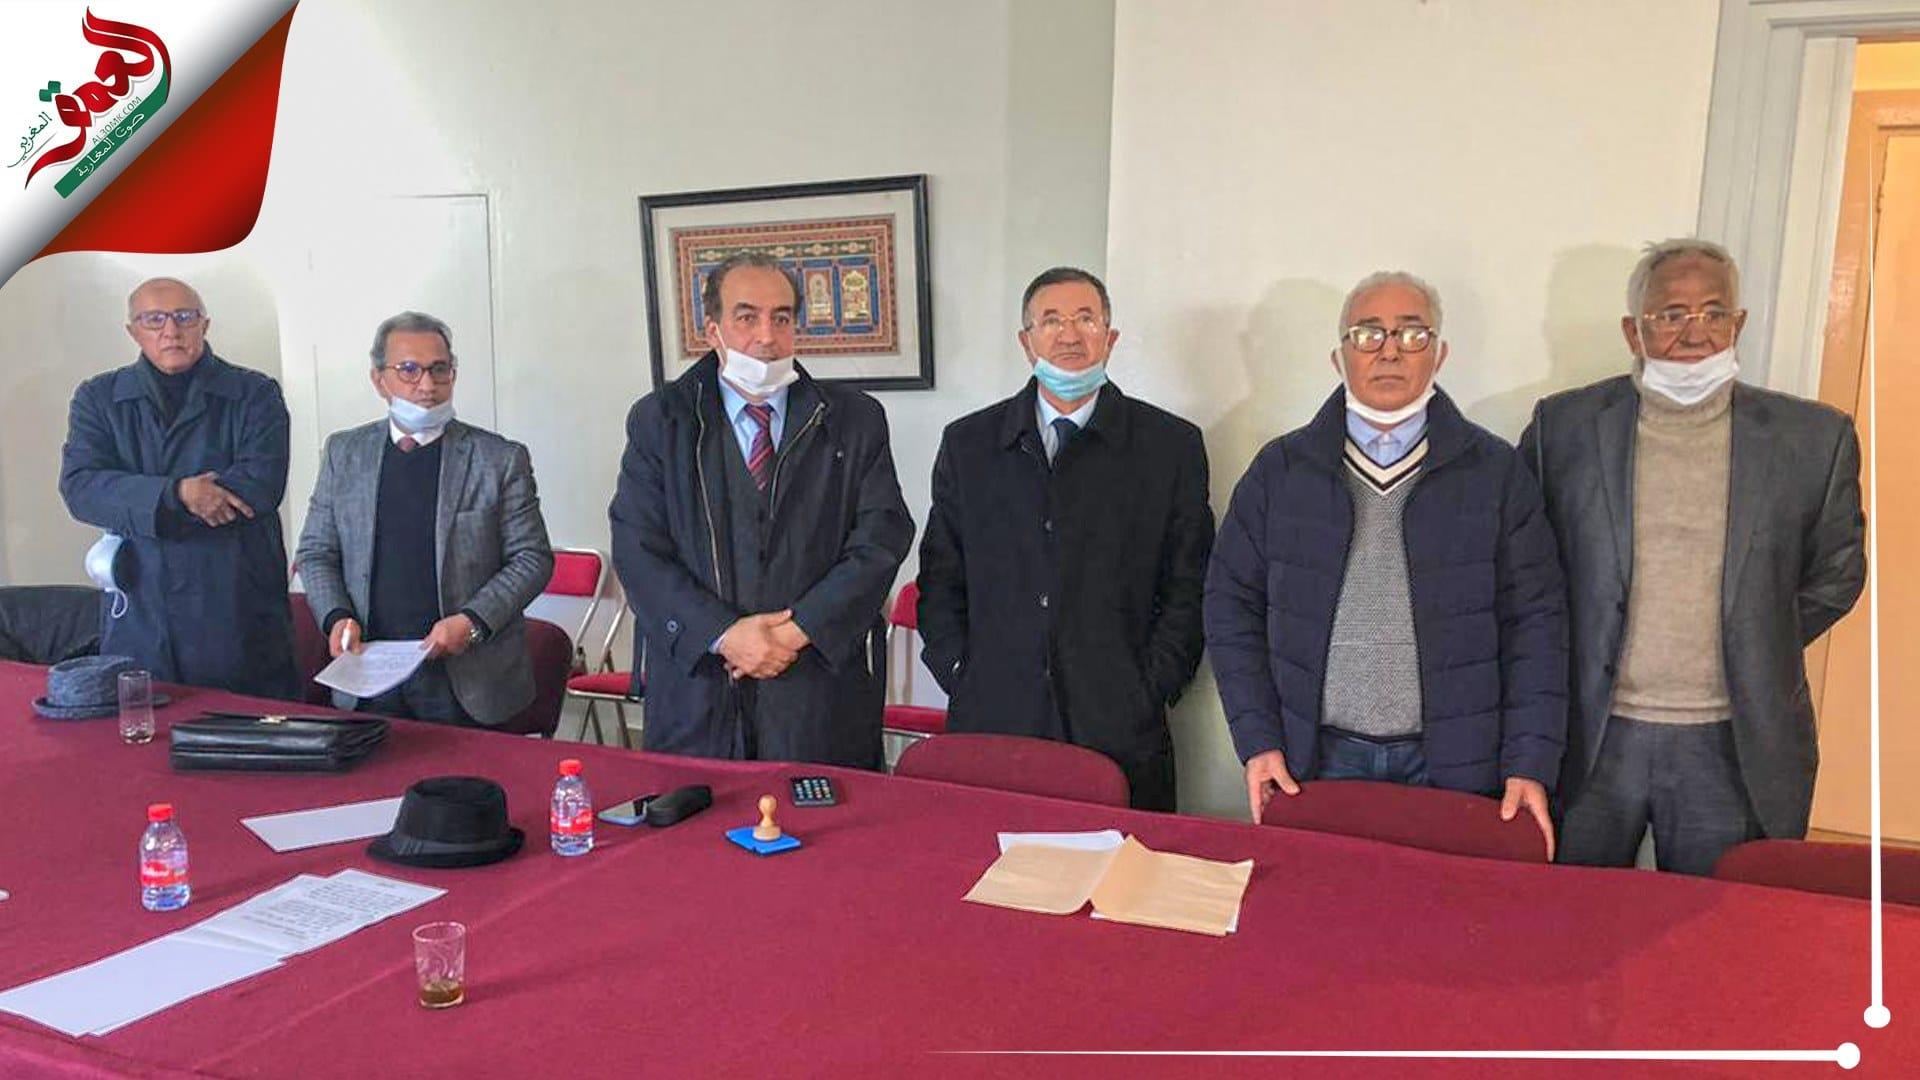 اللجنة التحضيرية للحزب الاتحاد الدستوري